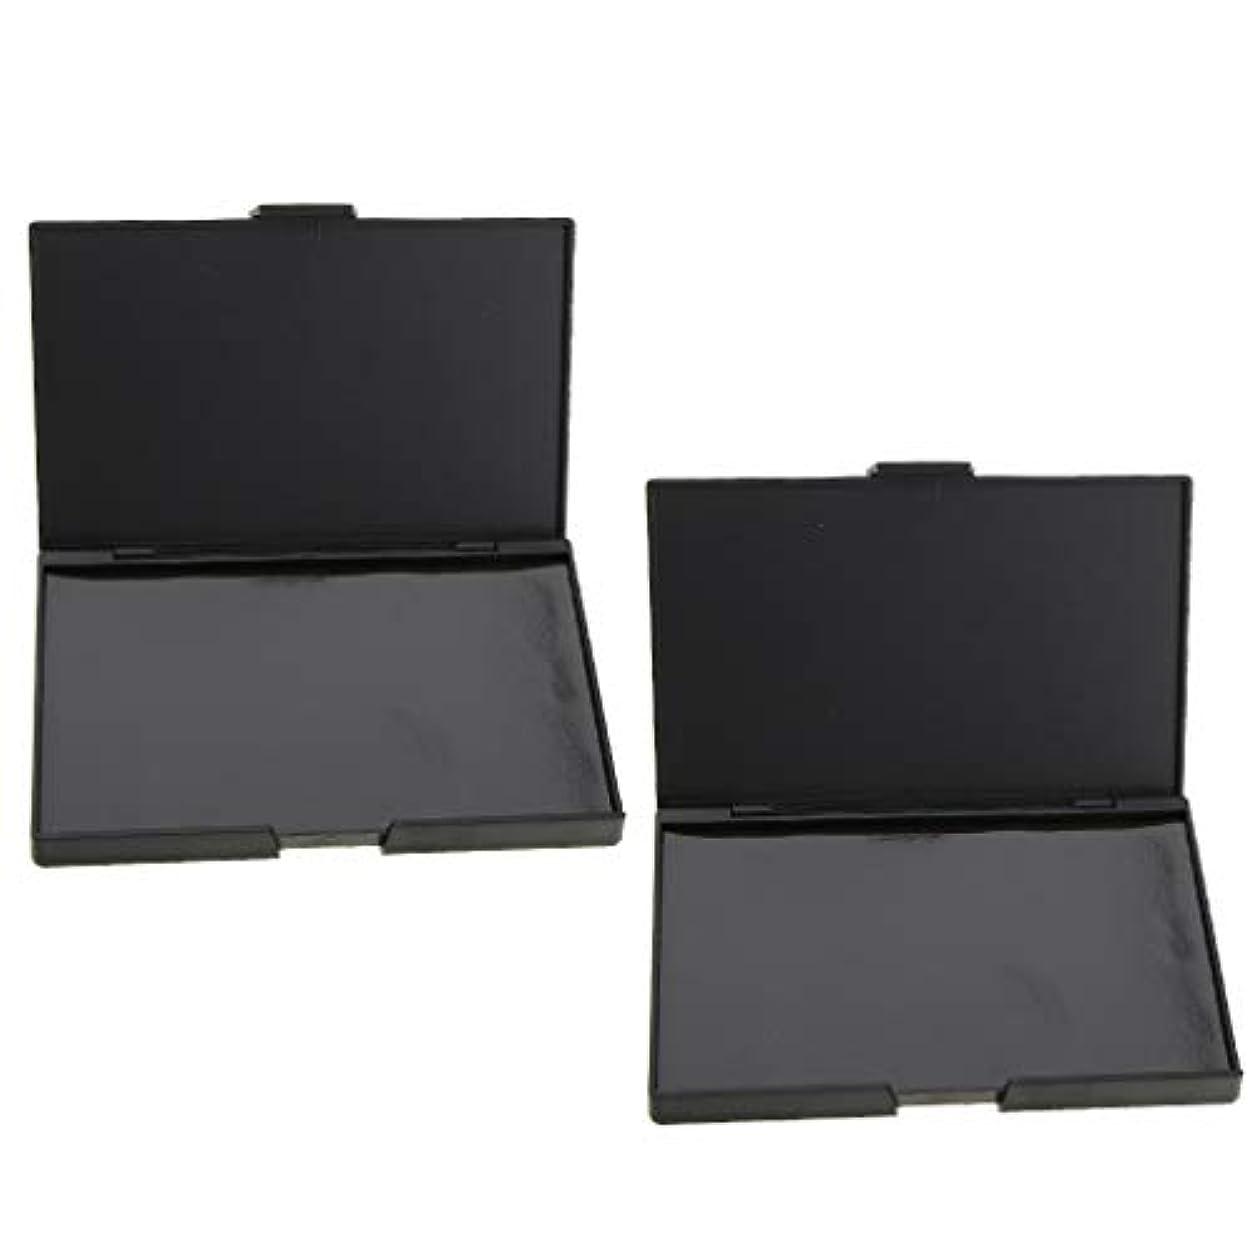 欺くうなり声安定した2個 磁気パレット メイクアップケース コスメ 化粧品 DIY 手作り